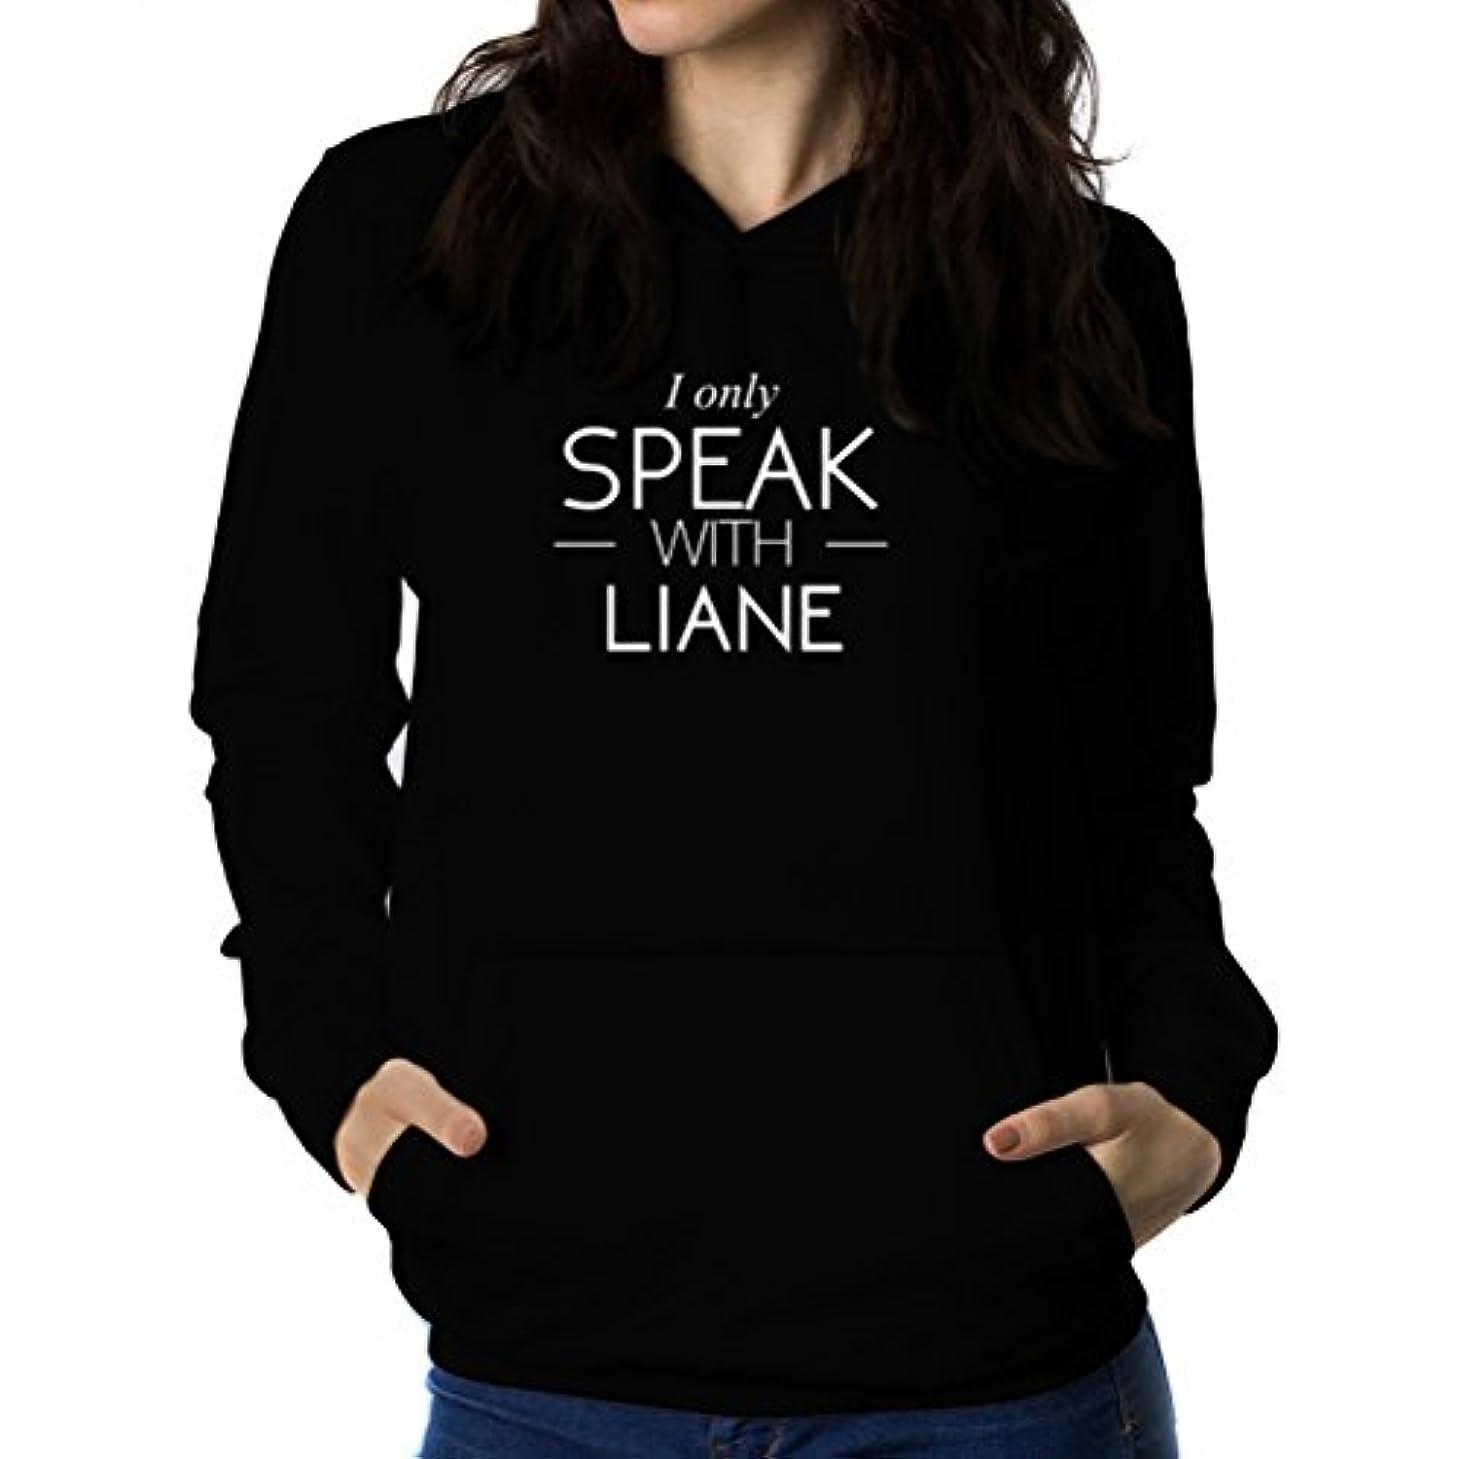 臭いルーフ早熟I only speak with Liane 女性 フーディー